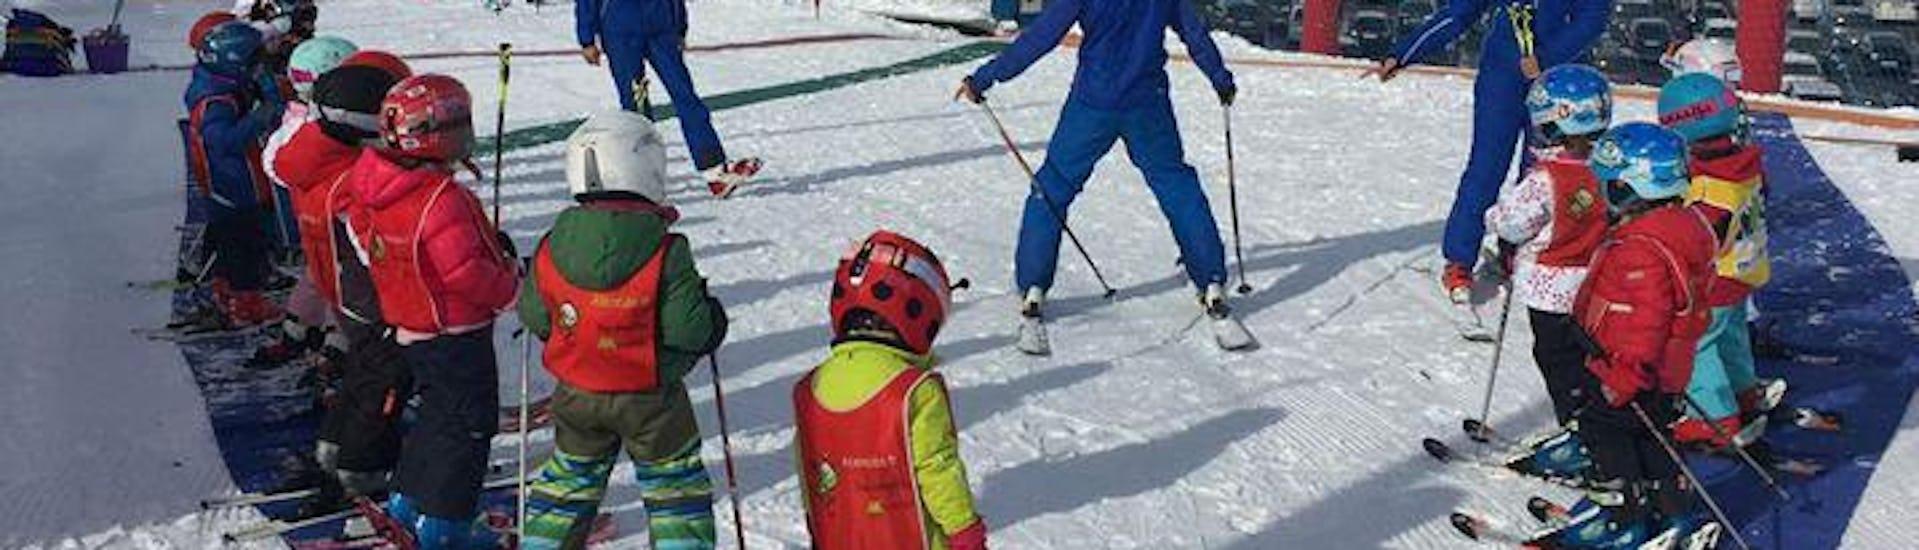 Skikurs für Kinder (ab 4 Jahre) - Nebensaison